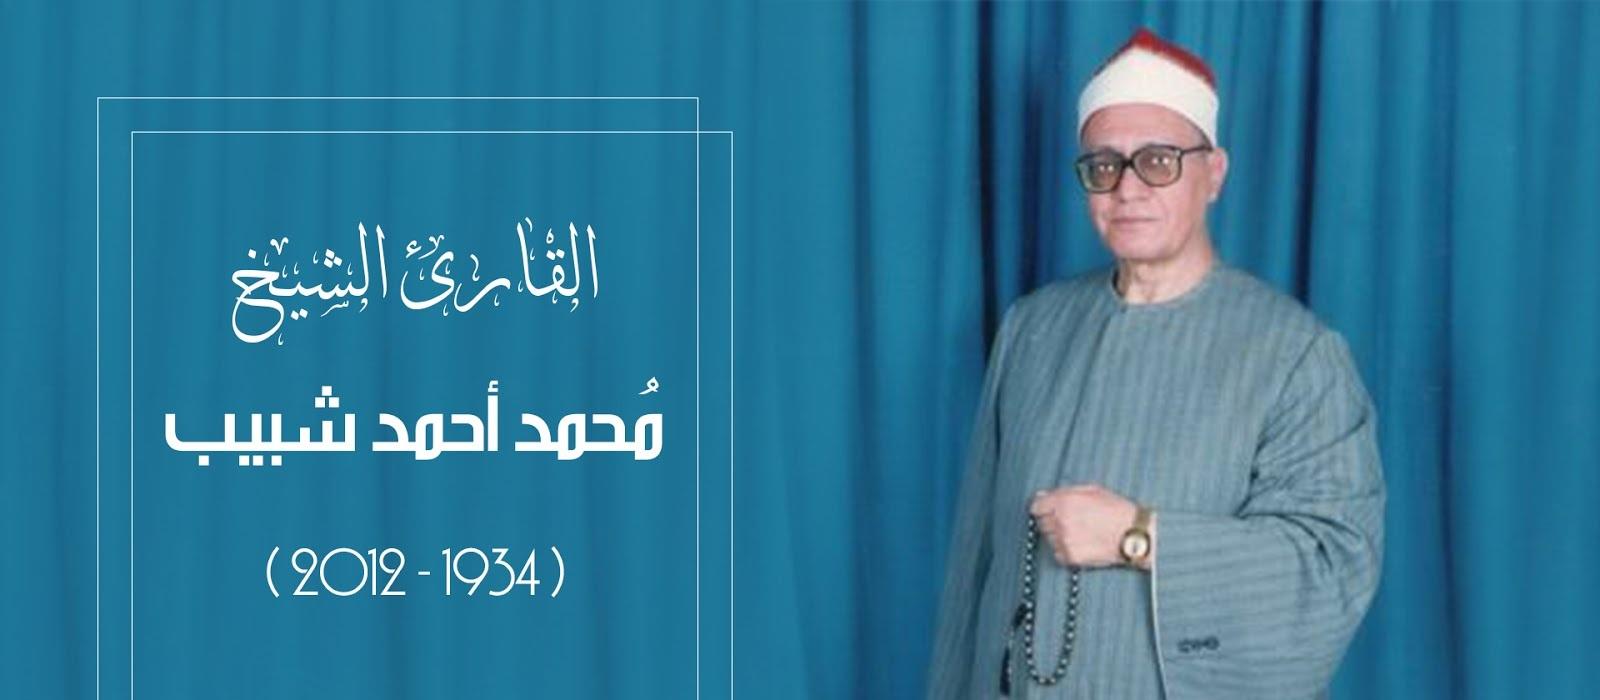 القارئ محمد أحمد شبيب